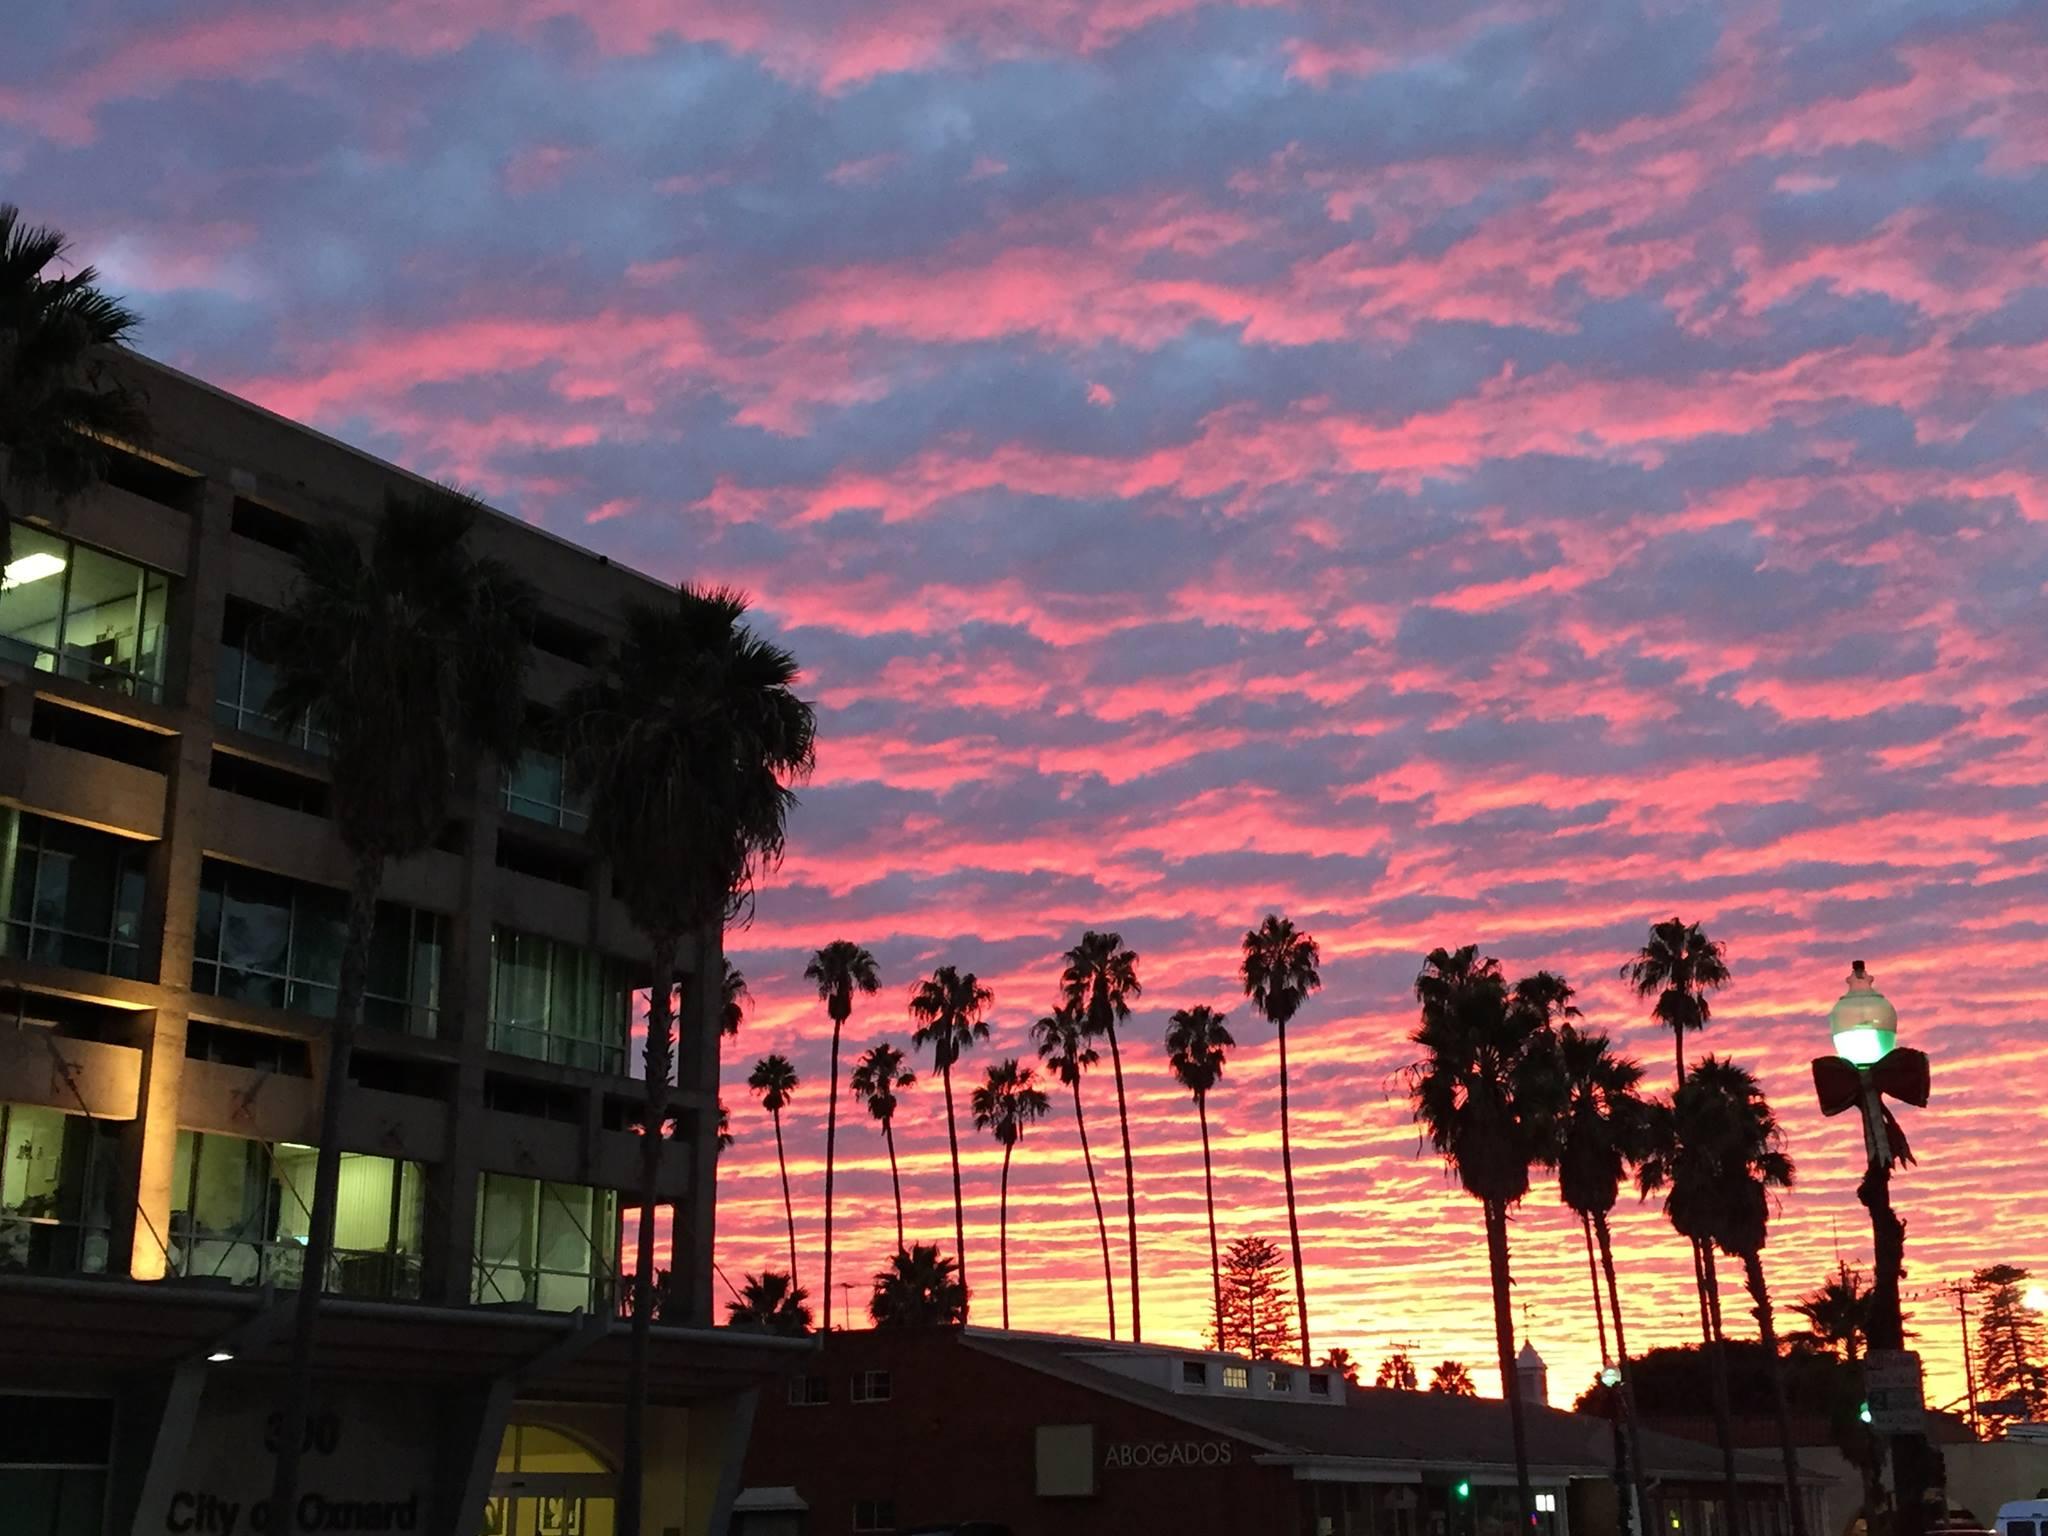 A sunset over Oxnard